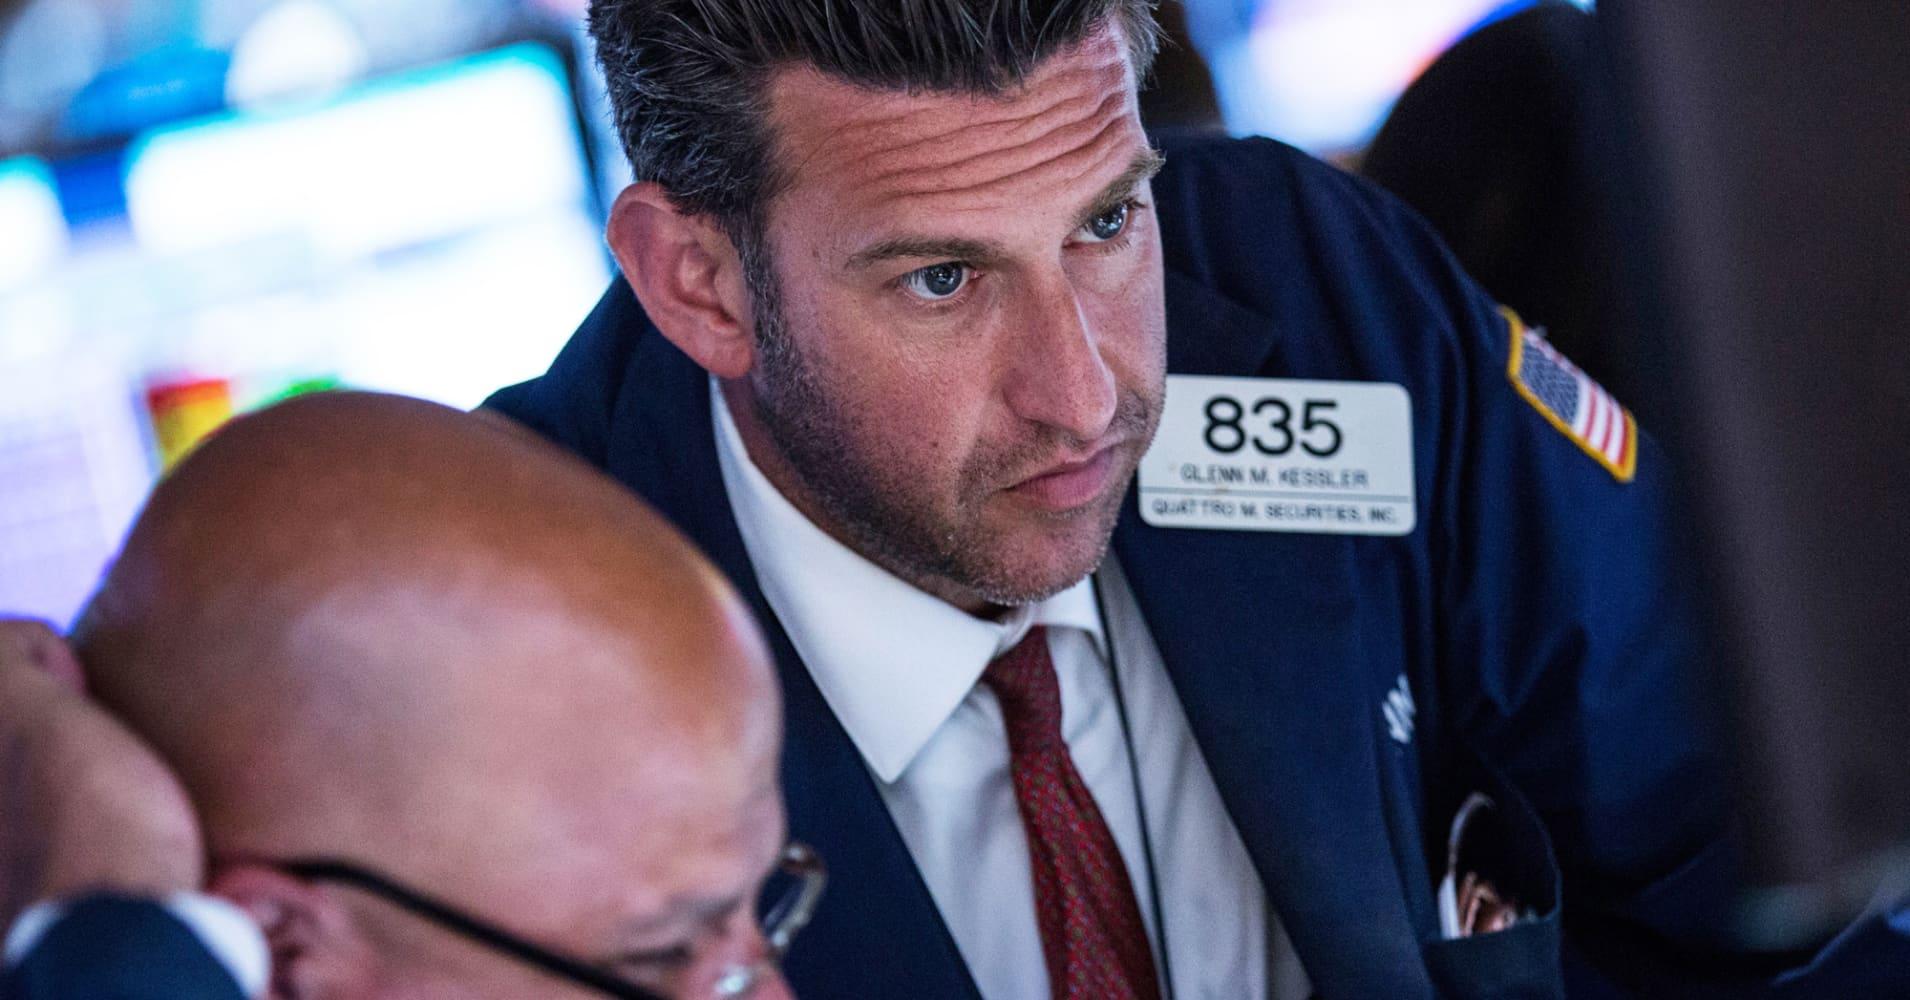 Stocks making the biggest moves premarket: VZ, TSLA, AAPL, WFC, T, SIRI & more